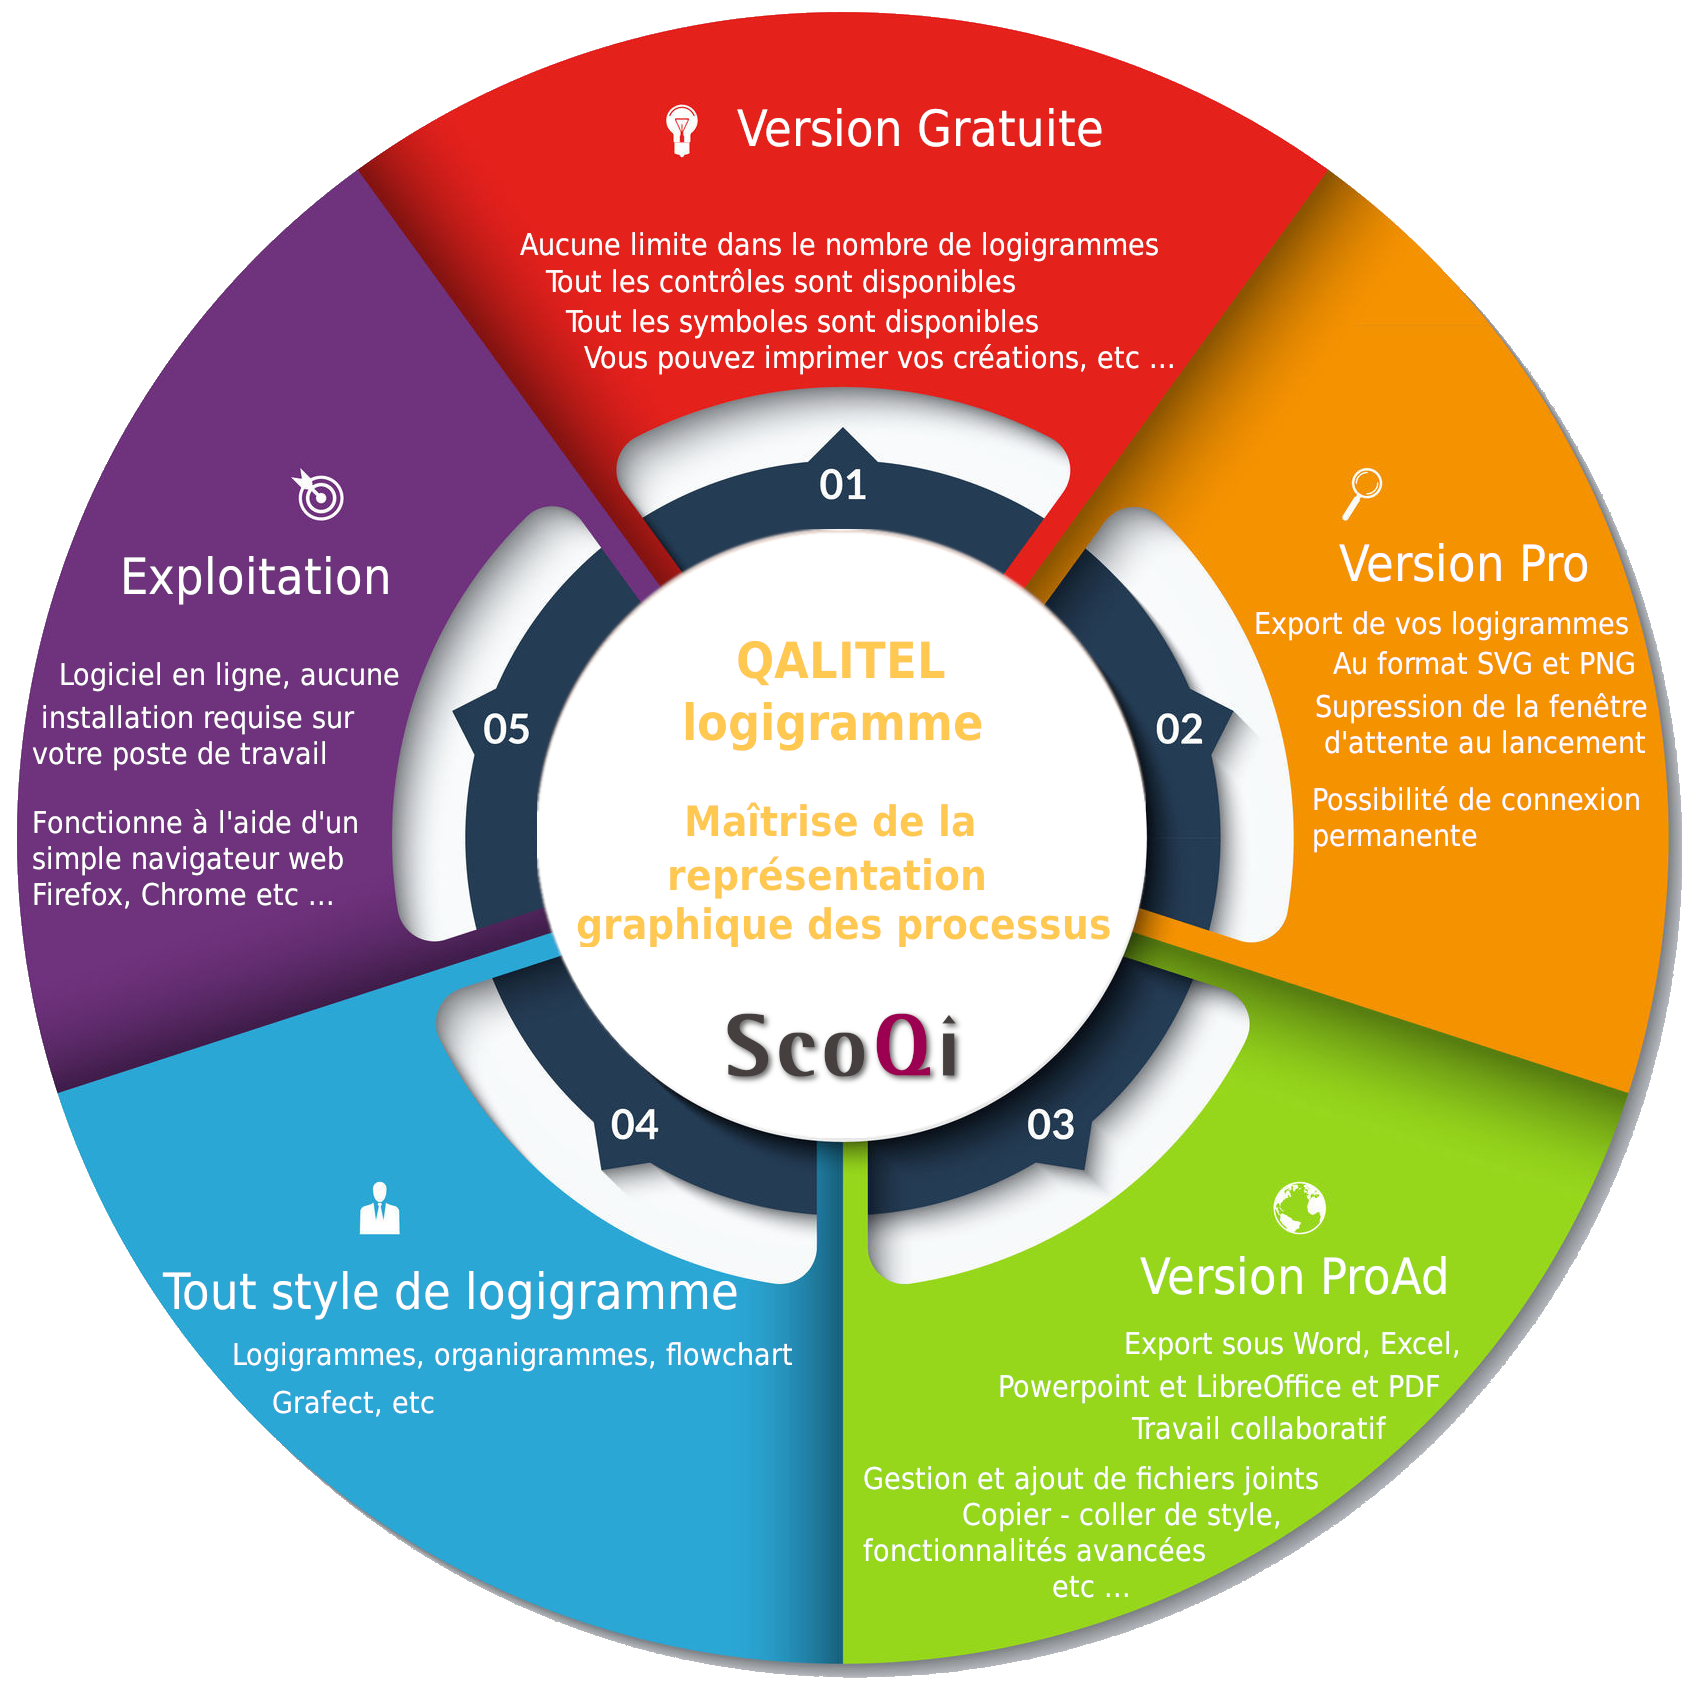 Logo-scoqi-logiciel-qualite-produit-logiciels - logo-logiciel_logigramme-representation-graphique-des-processus_cycle